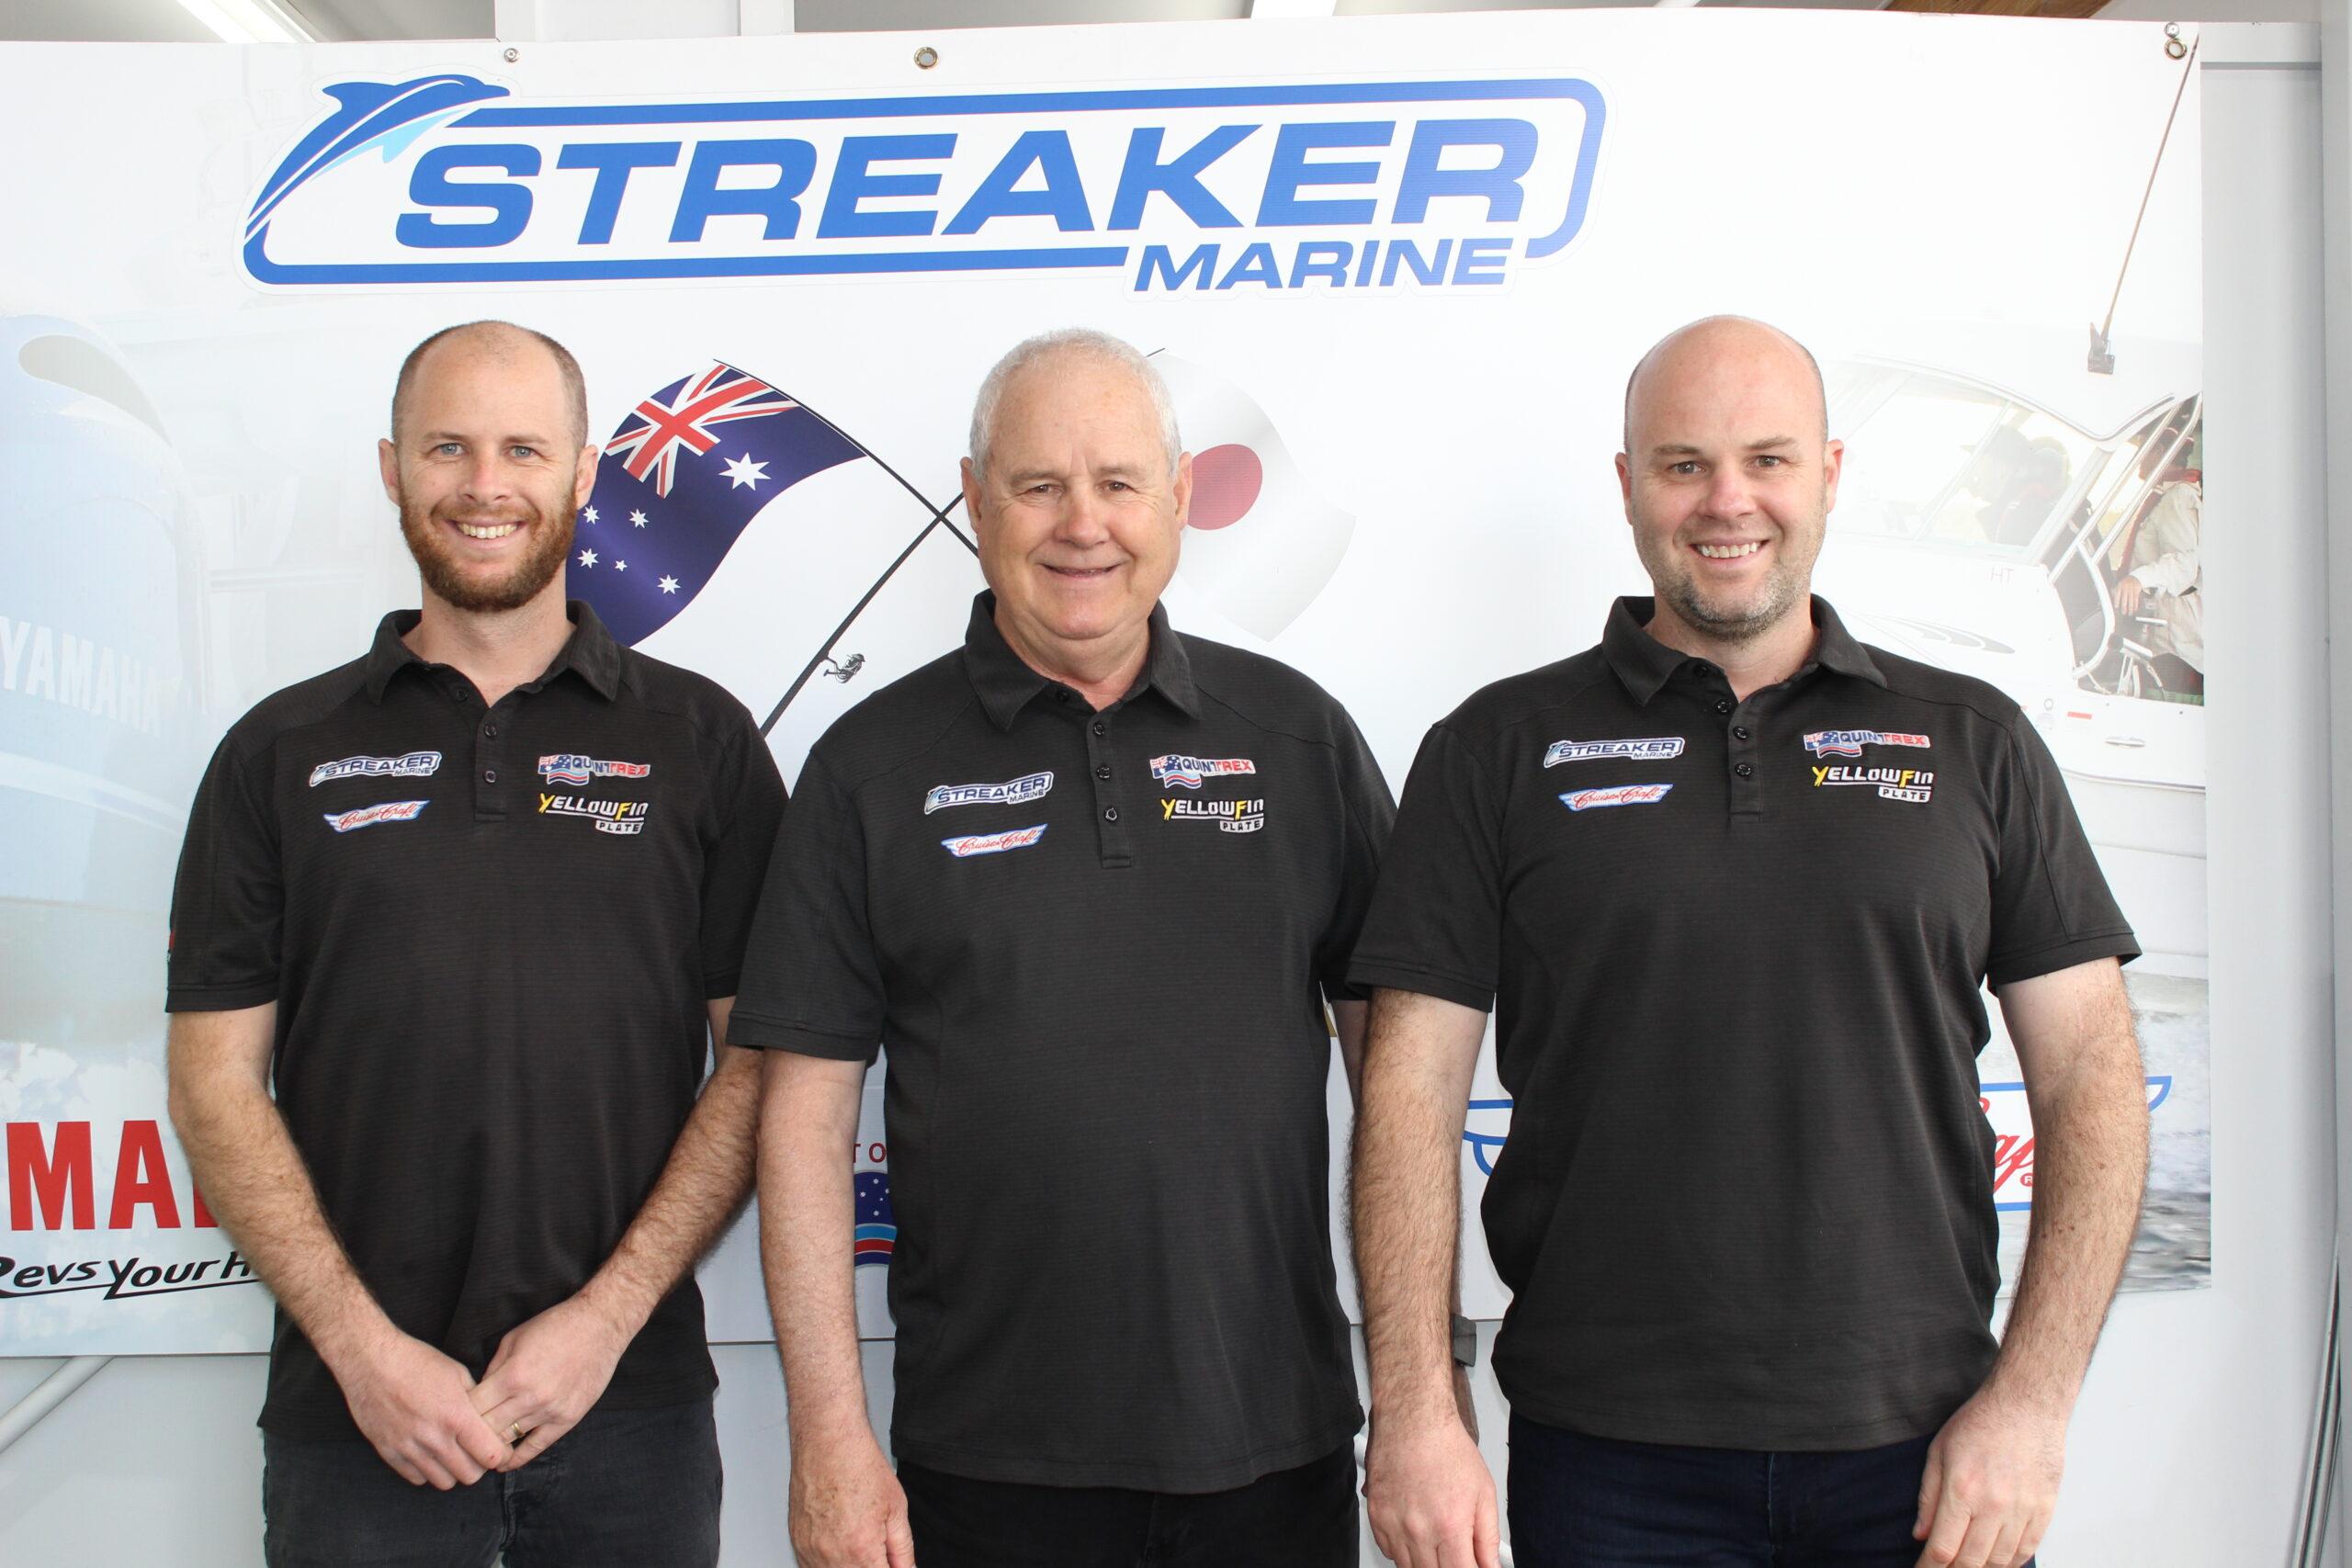 Streaker Marine team